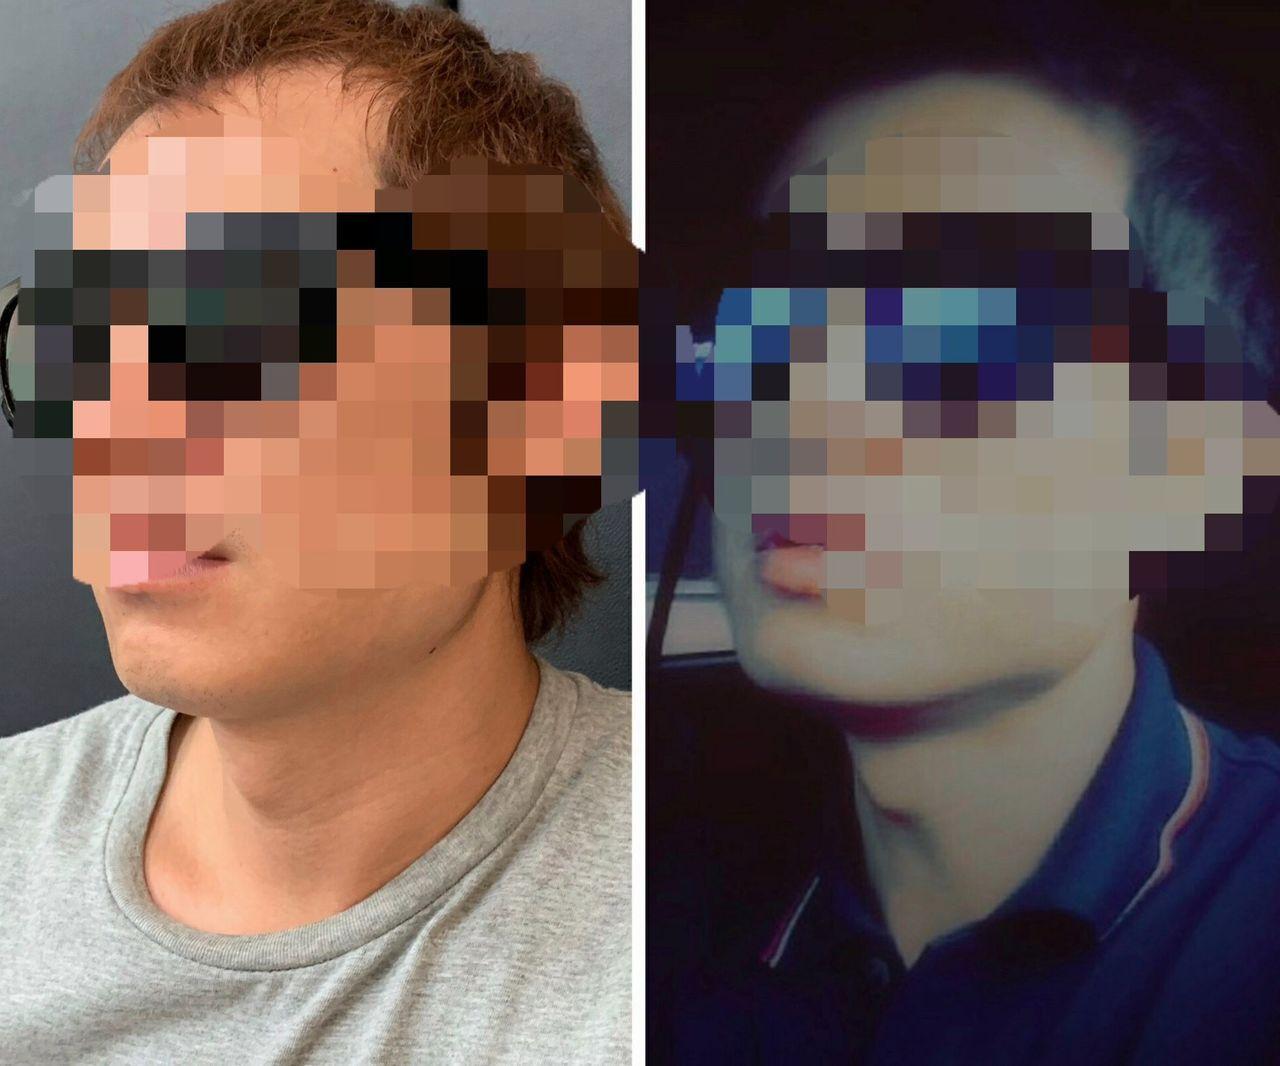 警方查出,36歲林姓男子去年底在網路上以自拍照打廣告,涉嫌販毒。圖/記者趙容萱翻...